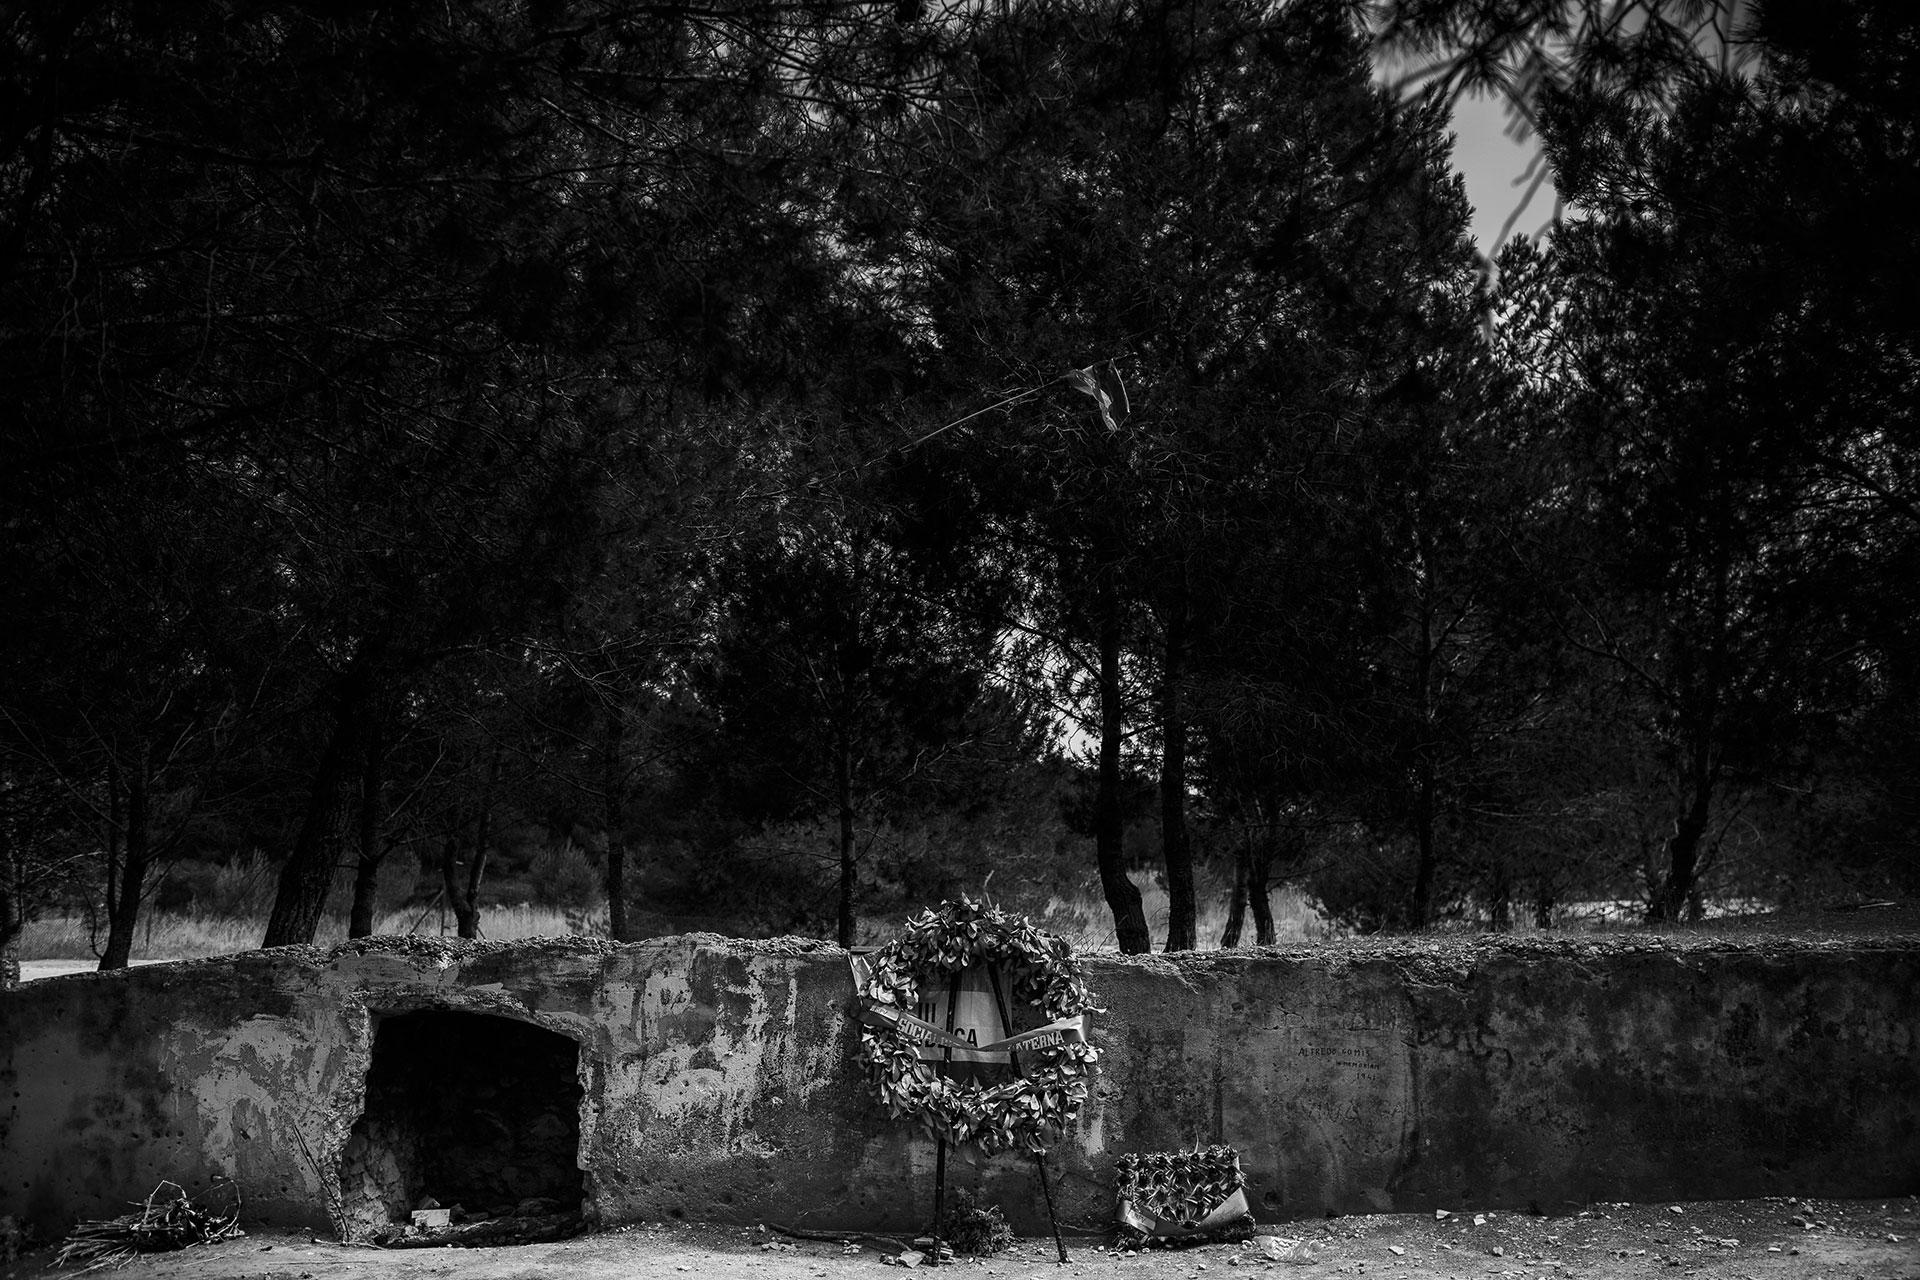 En el paredón del campo de tiro de Paterna, Valencia, fueron fusiladas más de 2.000 personas desde el año 1939 hasta 1956.